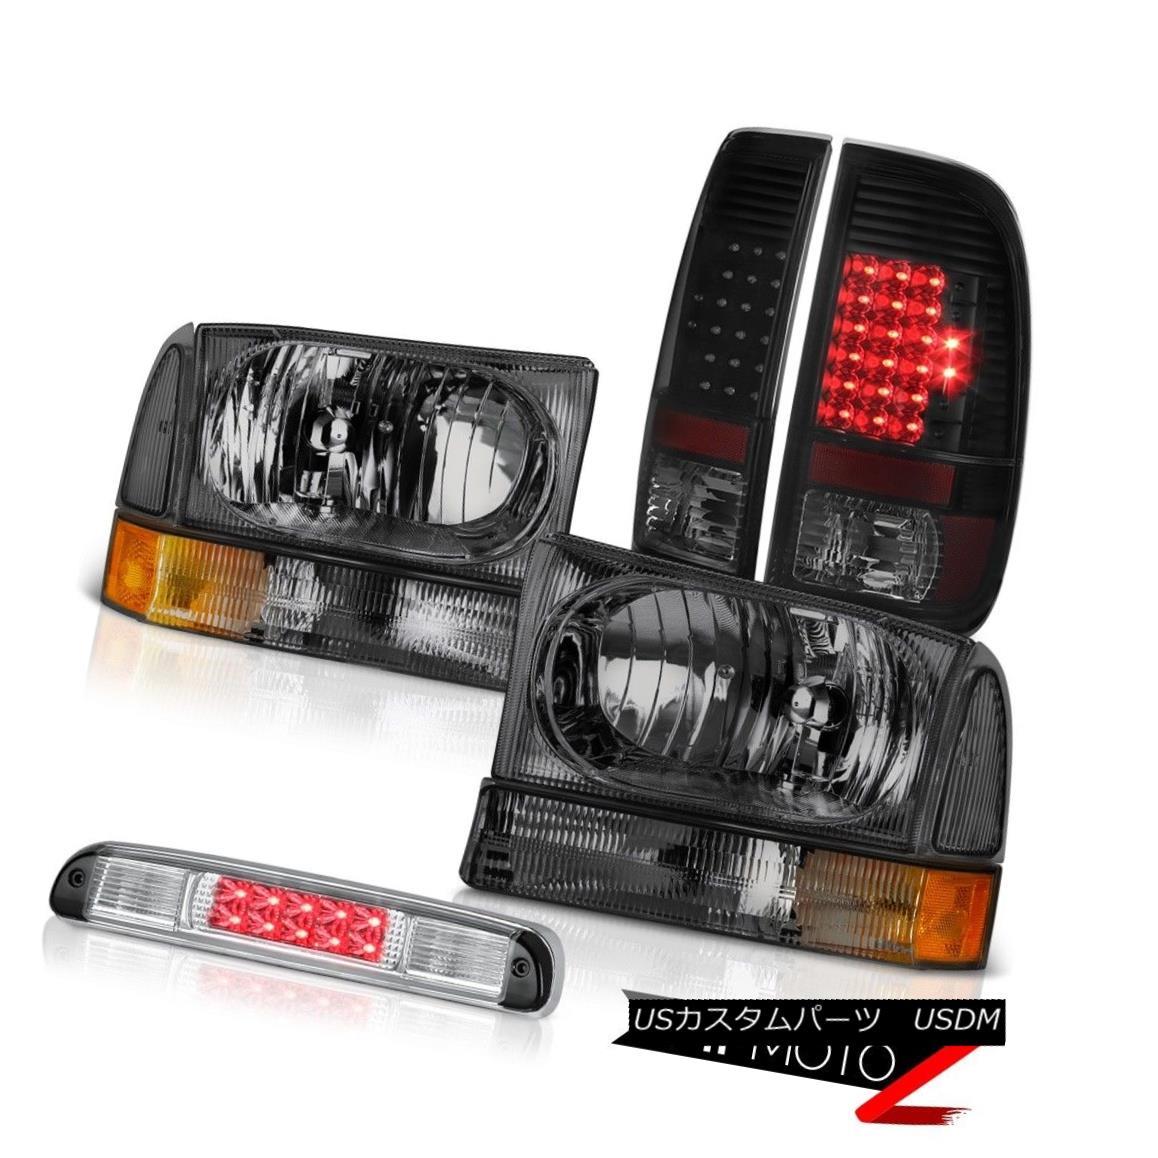 テールライト Crystal Smoke Headlights Sinister Black LED Taillights High 99-04 Ford SuperDuty クリスタルスモークヘッドライトハイライト99-04 Ford SuperDuty